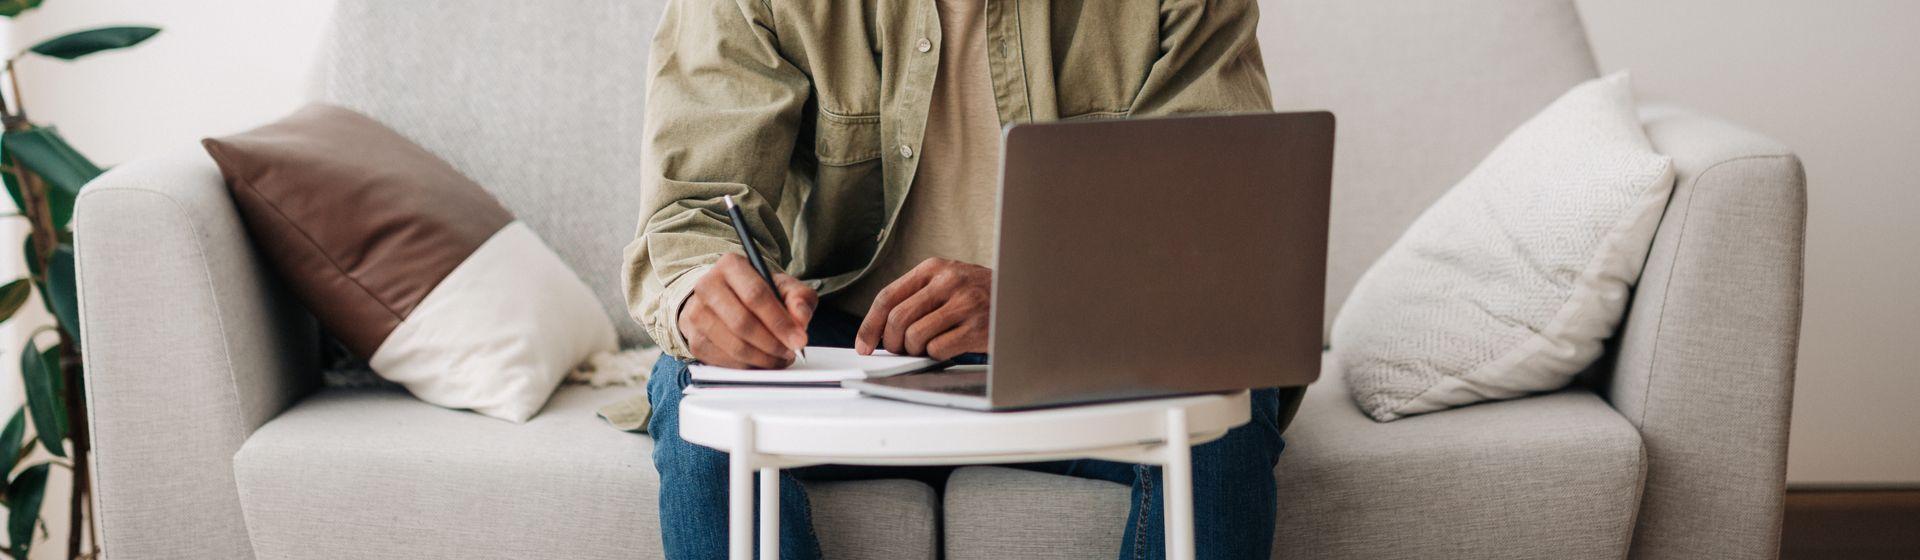 Melhor suporte para notebook: veja top 10 com os melhores modelos